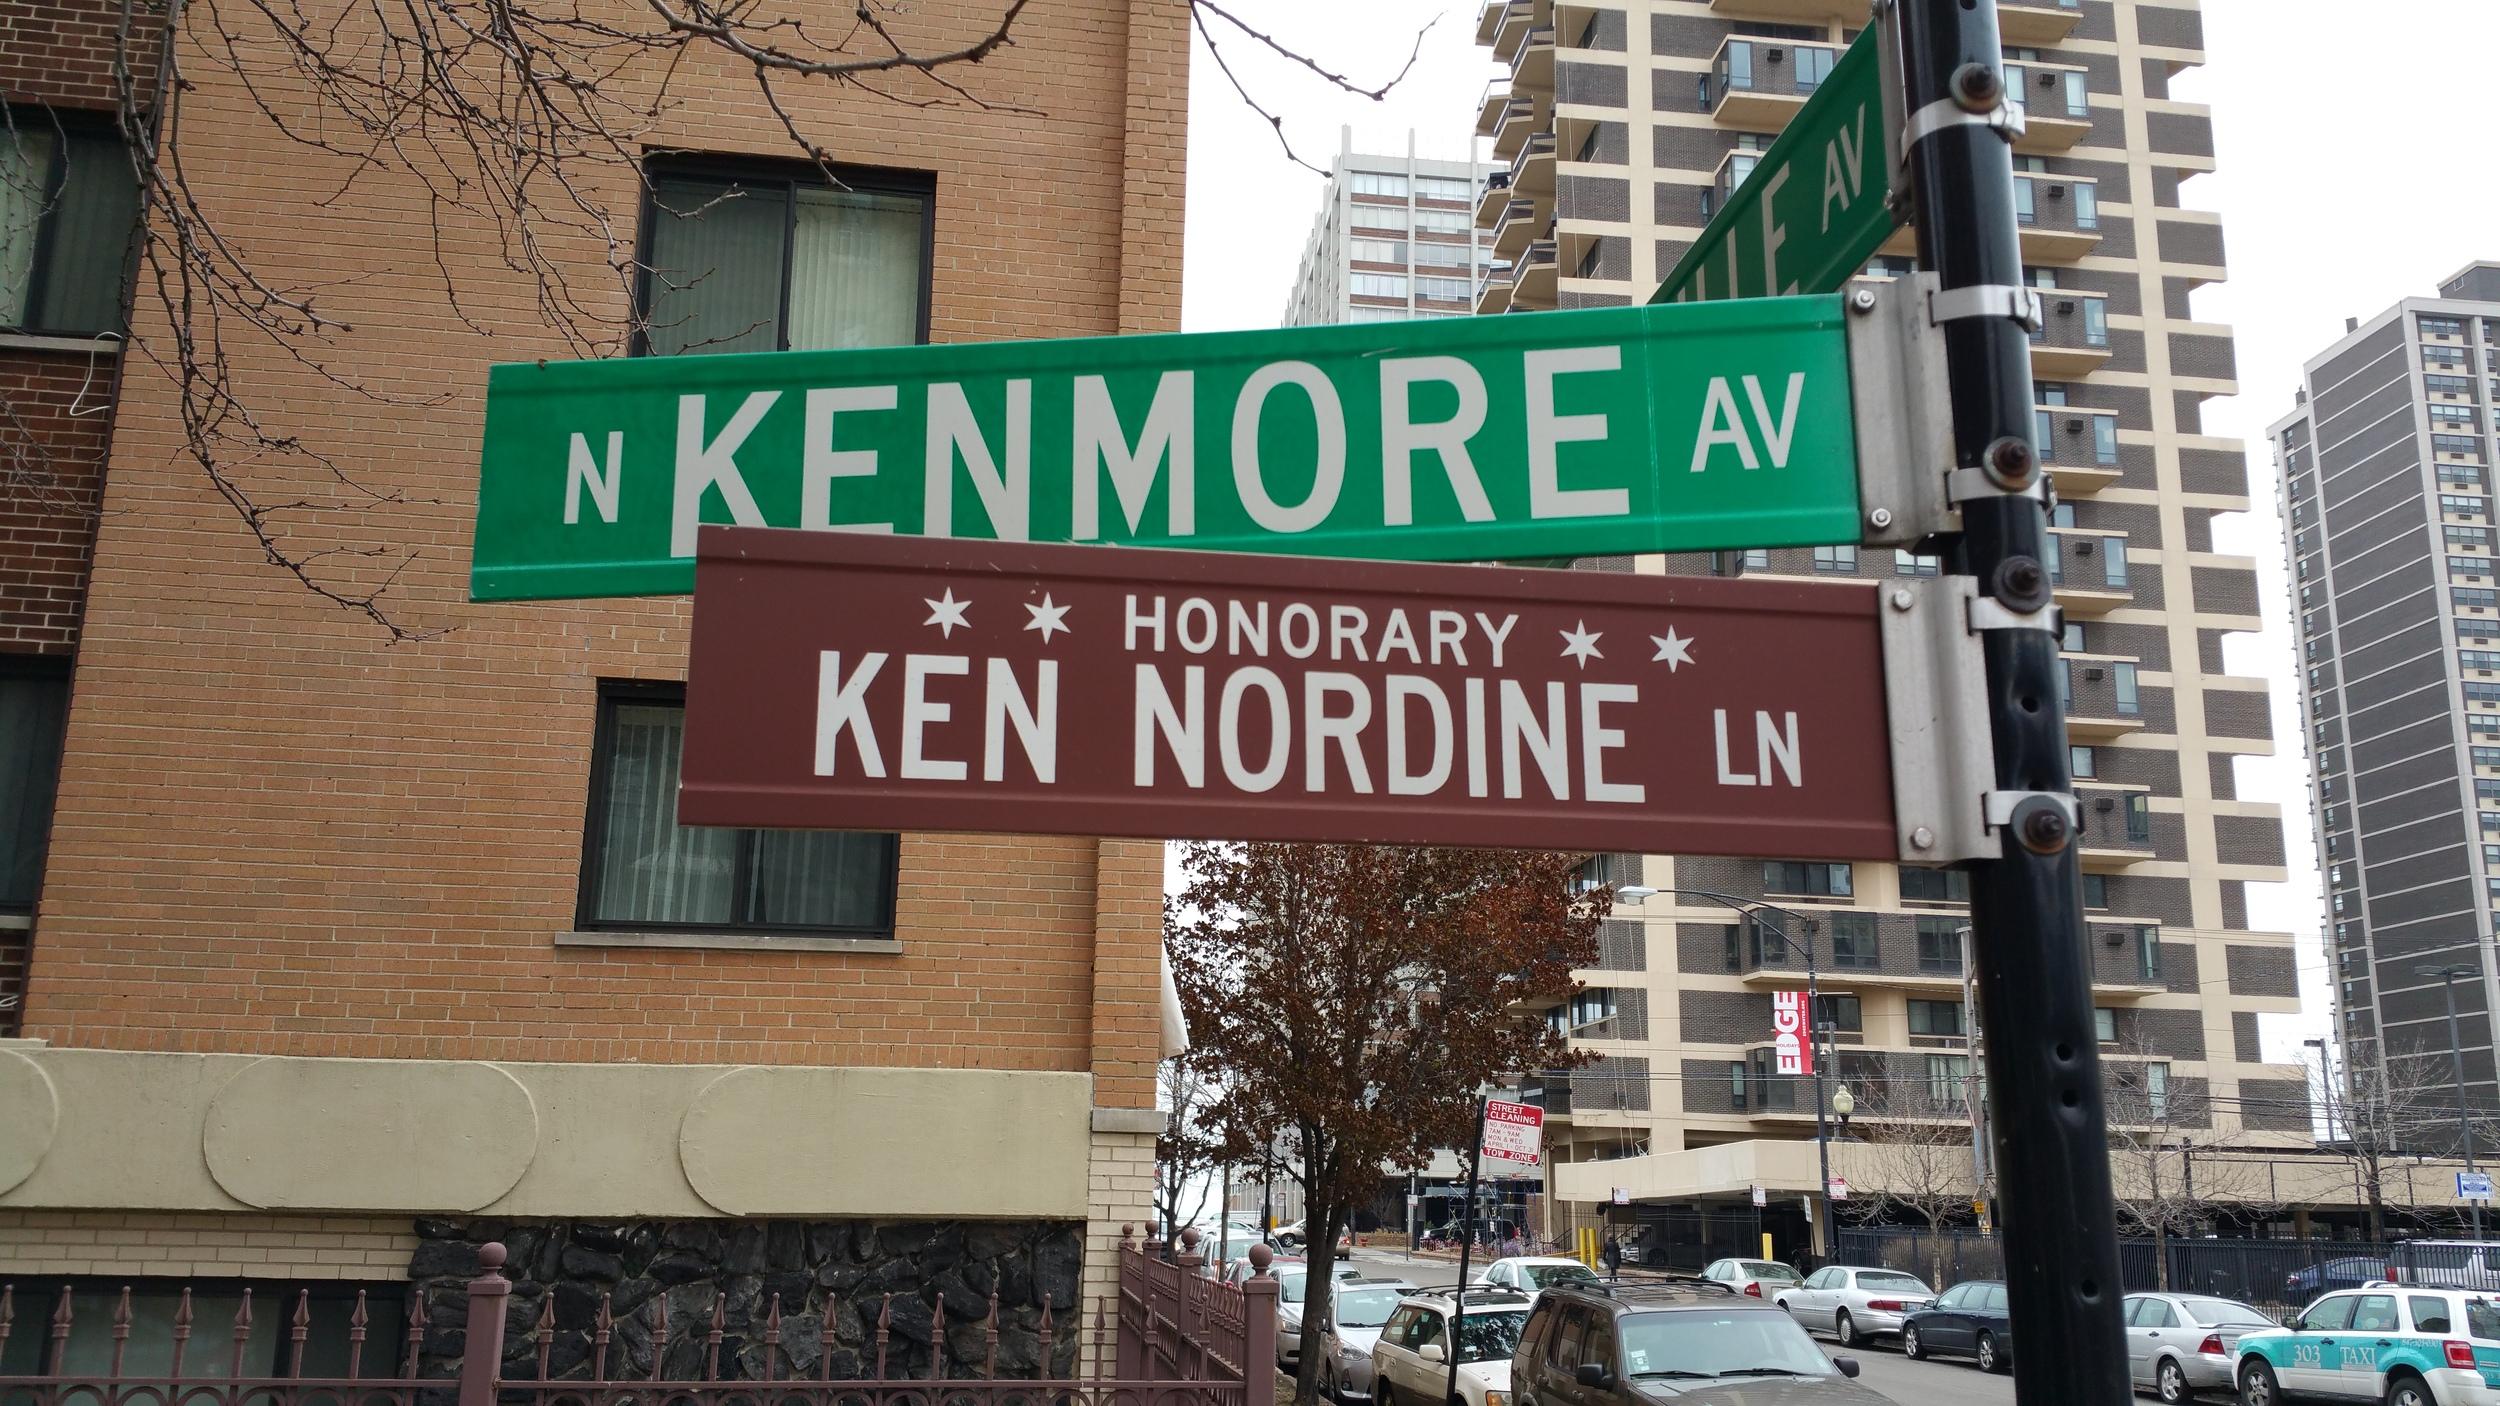 Ken Nordine Ln - HonoraryChicago. Voiceover Artist Extraordinaire - Word Jazz